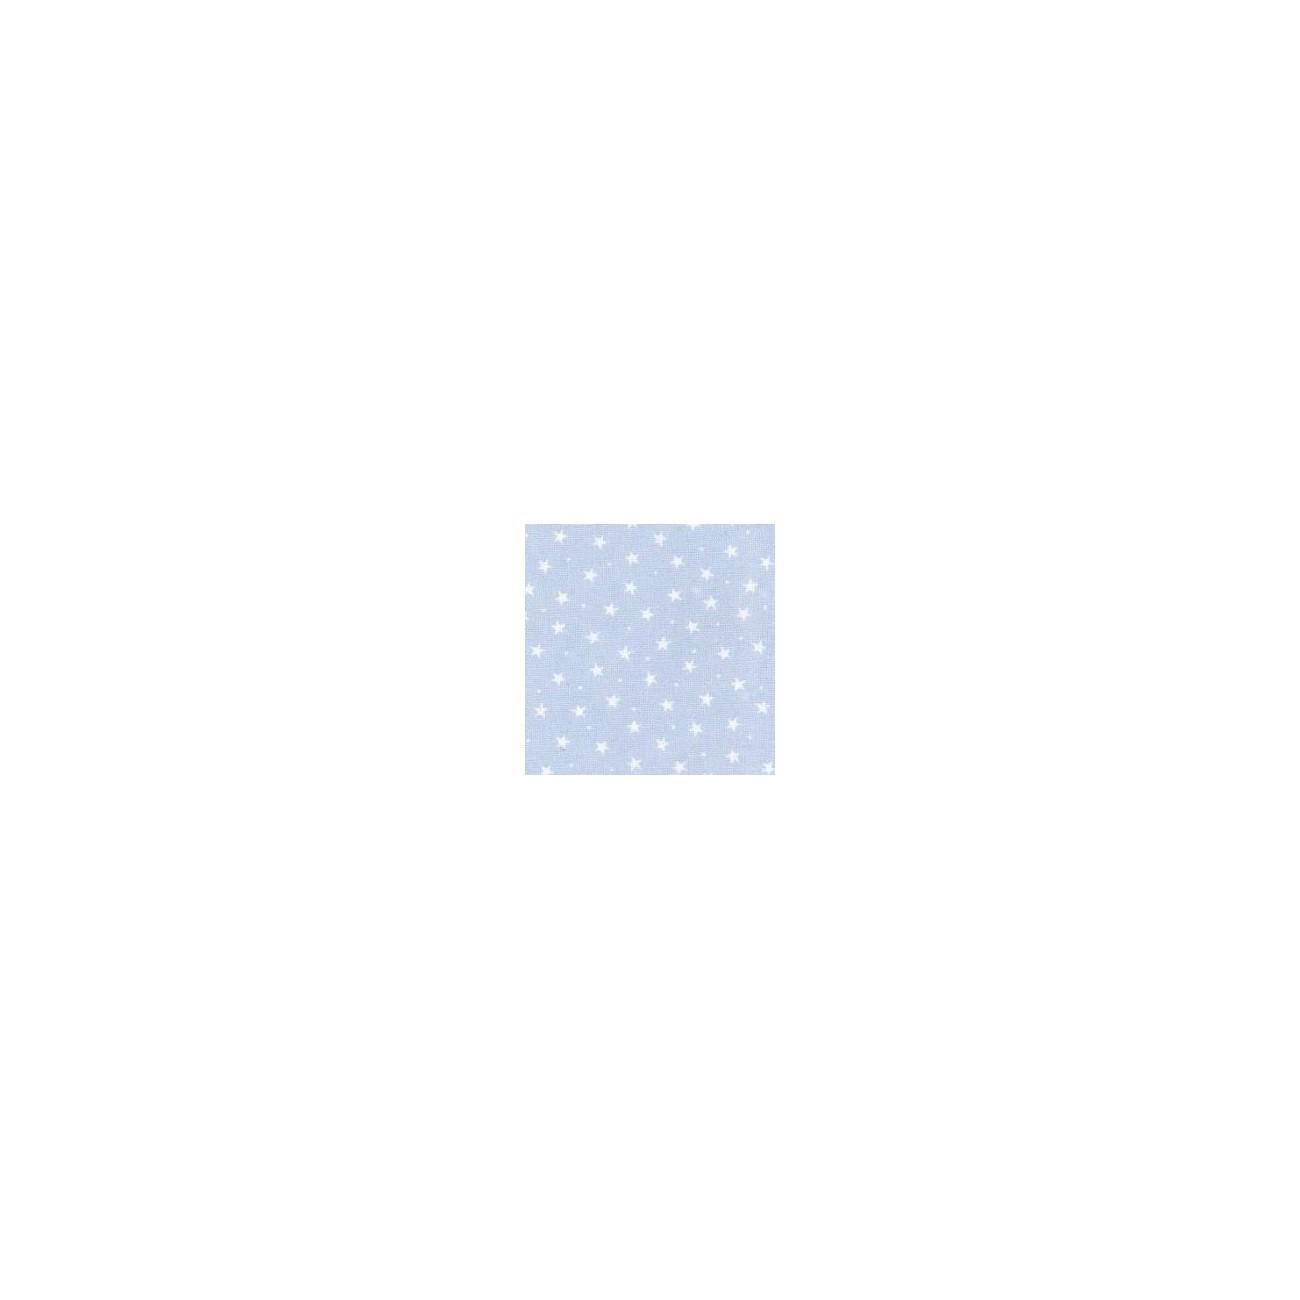 Tissu Etoiles Bleu Clair